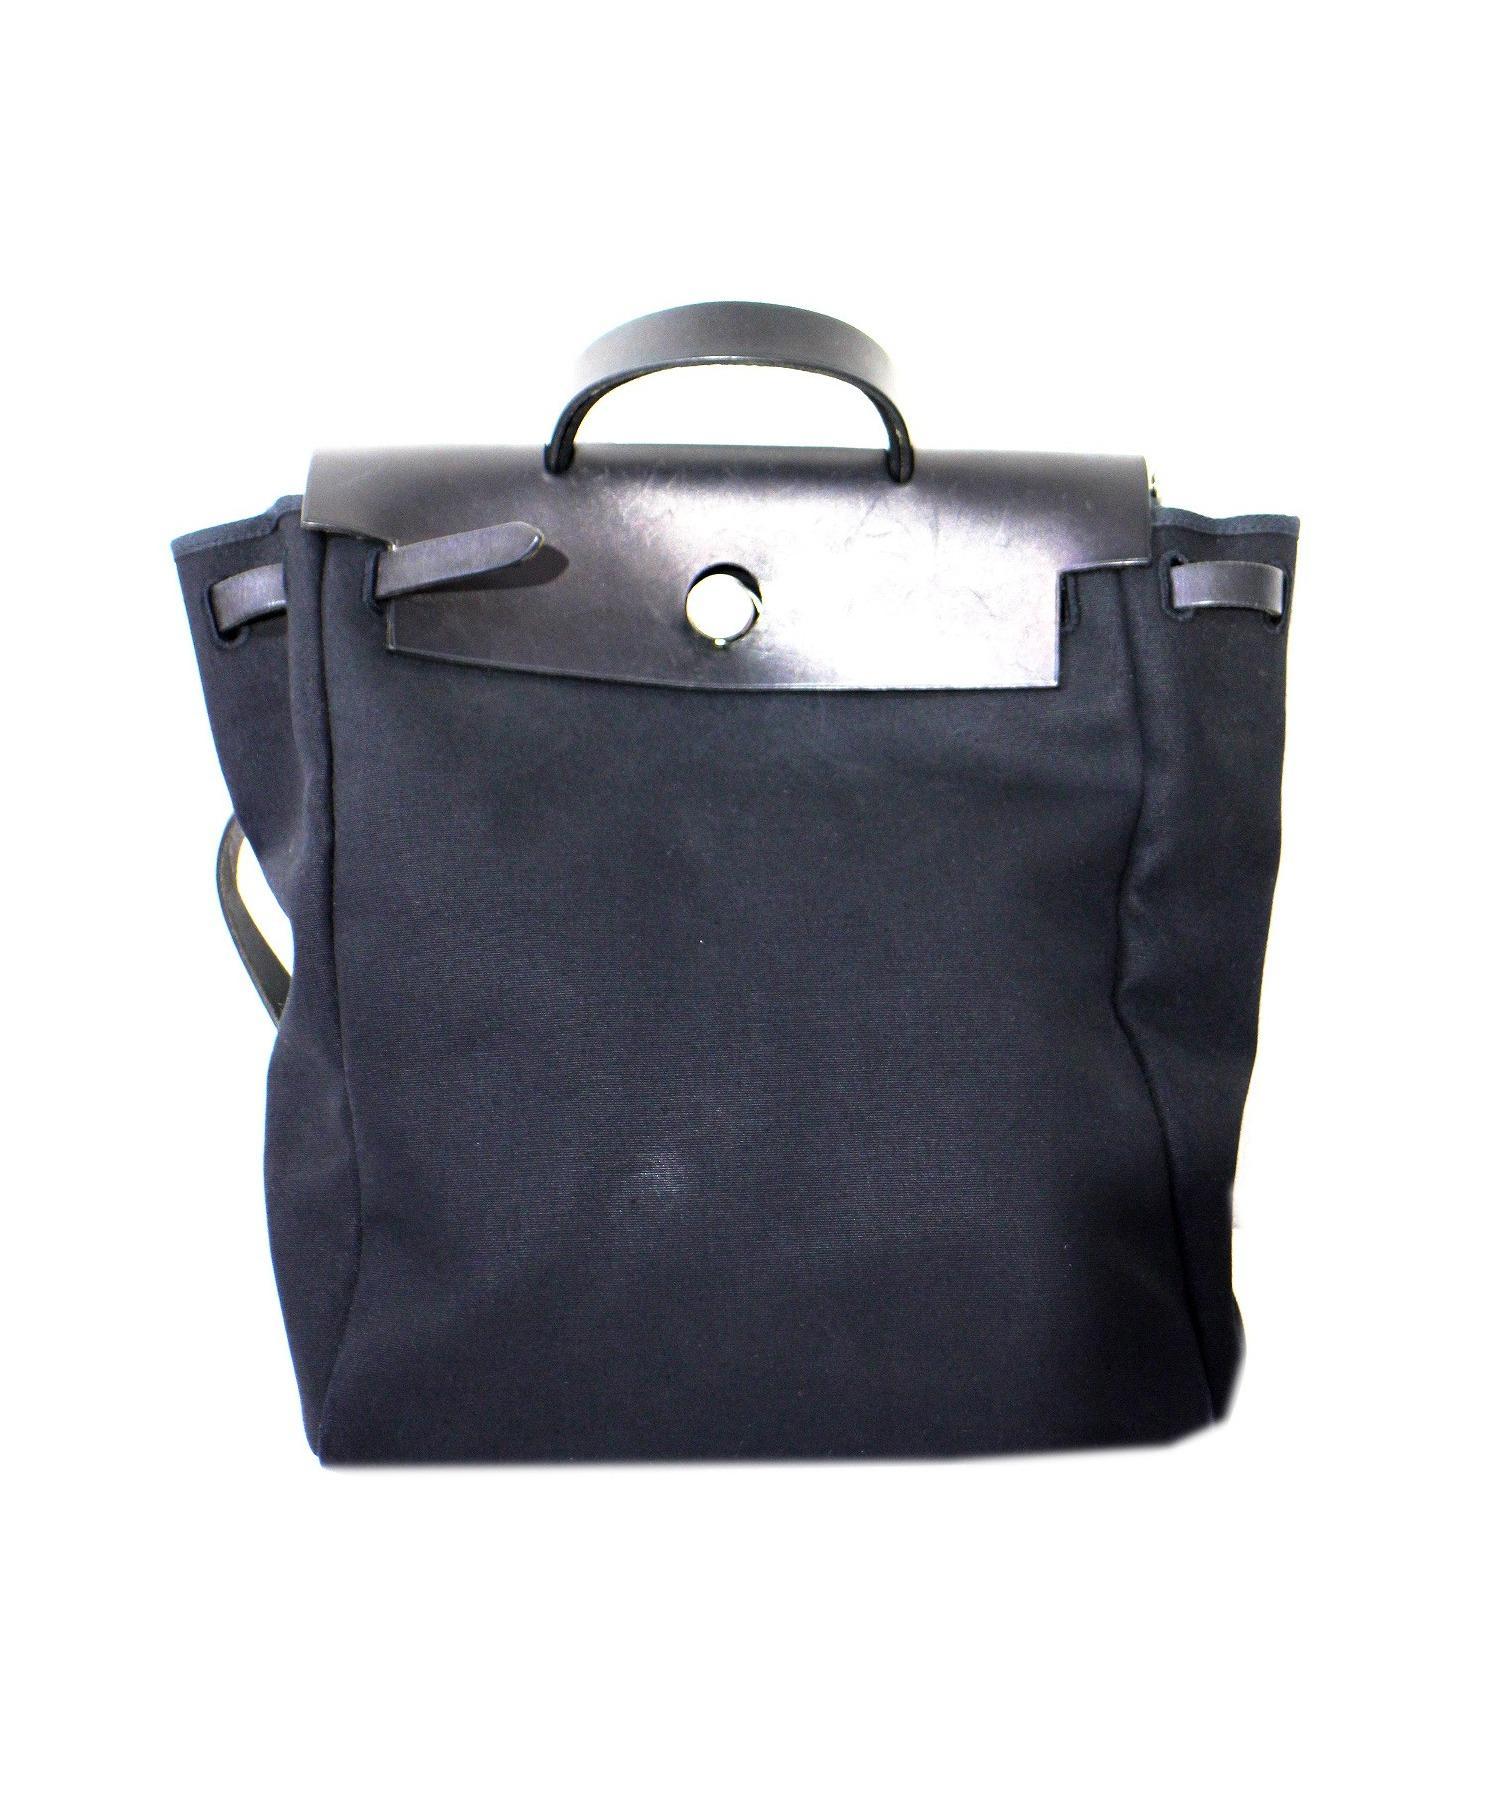 online retailer 92299 c5d30 [中古]HERMES(エルメス)のレディース バッグ エールバッグ・リュック